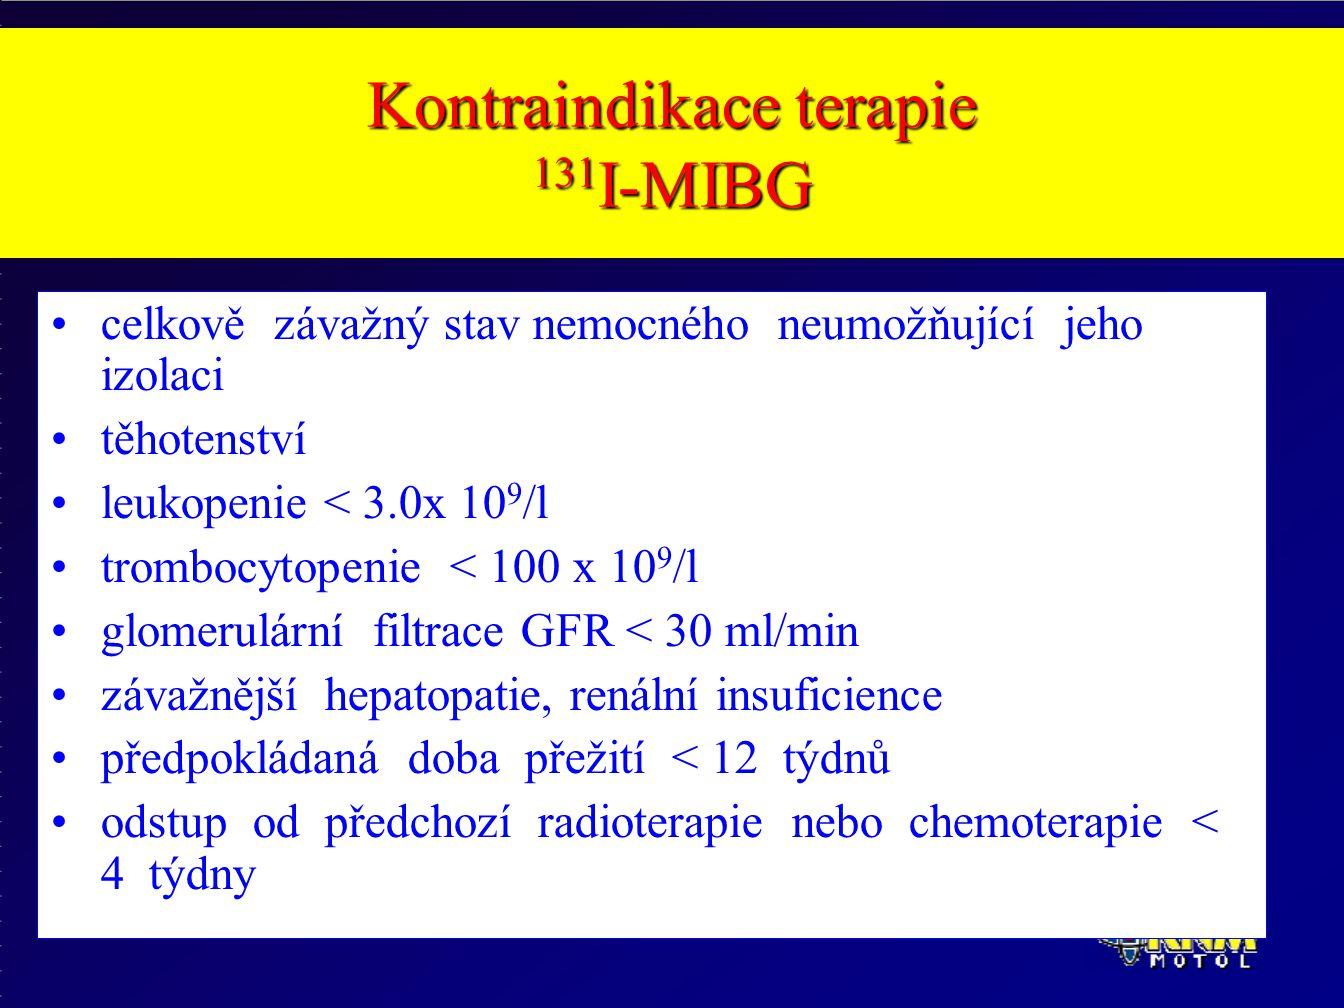 Kontraindikace terapie 131 I-MIBG celkově závažný stav nemocného neumožňující jeho izolaci těhotenství leukopenie < 3.0x 10 9 /l trombocytopenie < 100 x 10 9 /l glomerulární filtrace GFR < 30 ml/min závažnější hepatopatie, renální insuficience předpokládaná doba přežití < 12 týdnů odstup od předchozí radioterapie nebo chemoterapie < 4 týdny